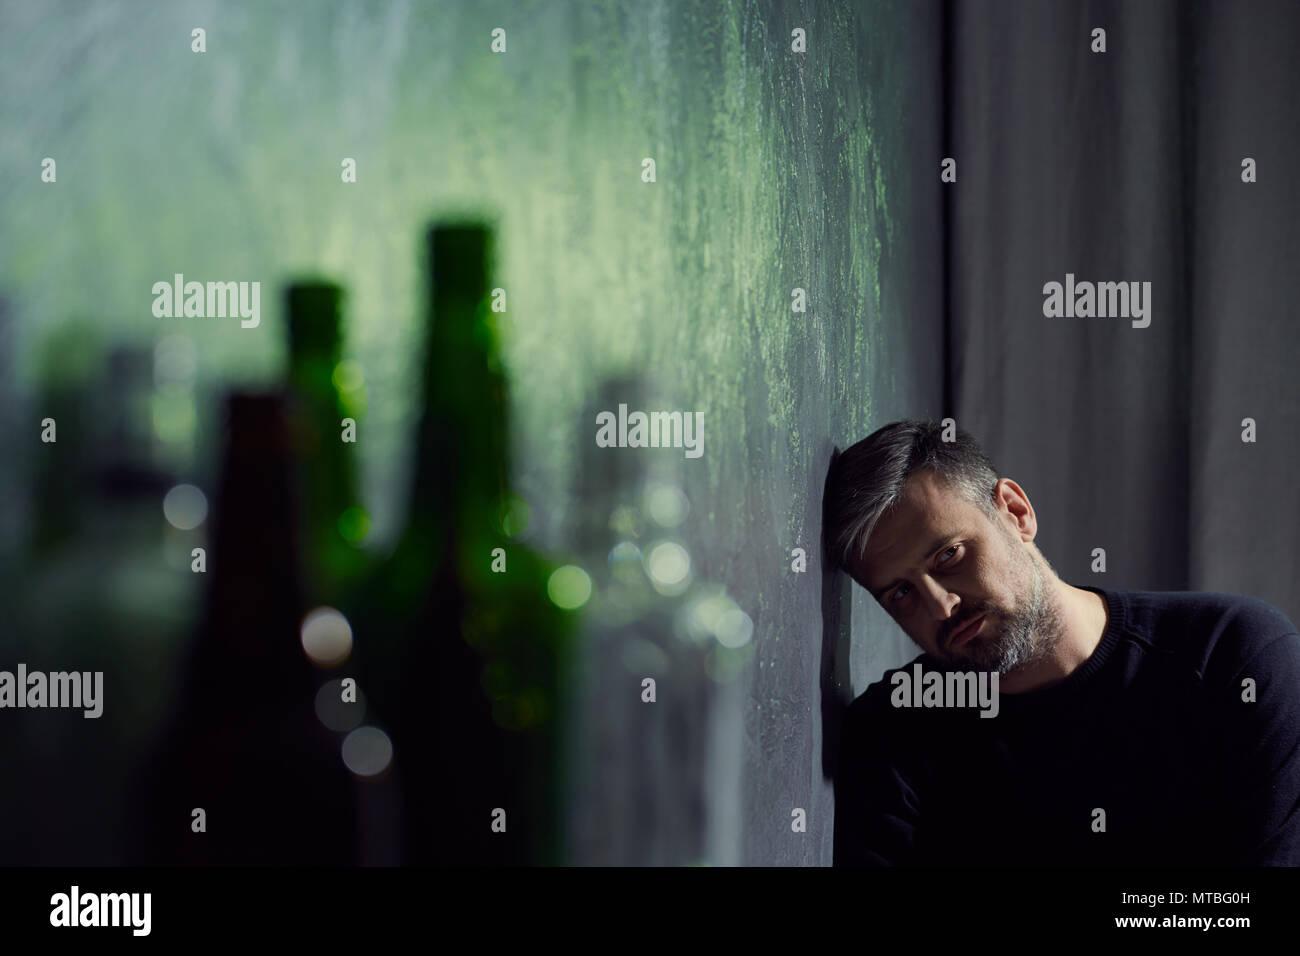 L'homme souffrant de dépression avec des bouteilles d'alcool vides Photo Stock